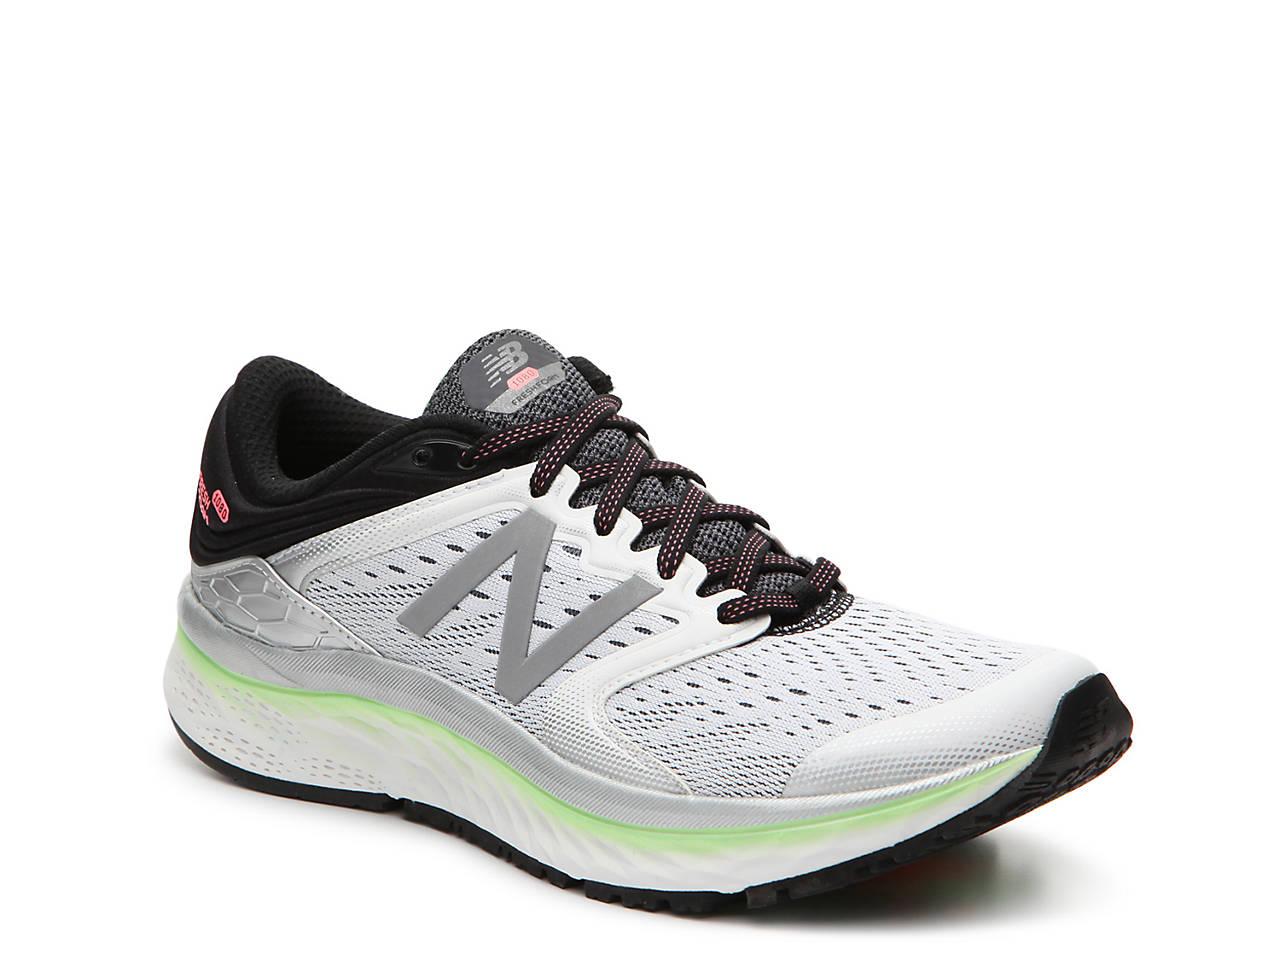 d9e5d4dba2d New Balance Fresh Foam 1080 v8 Performance Running Shoe - Women s ...